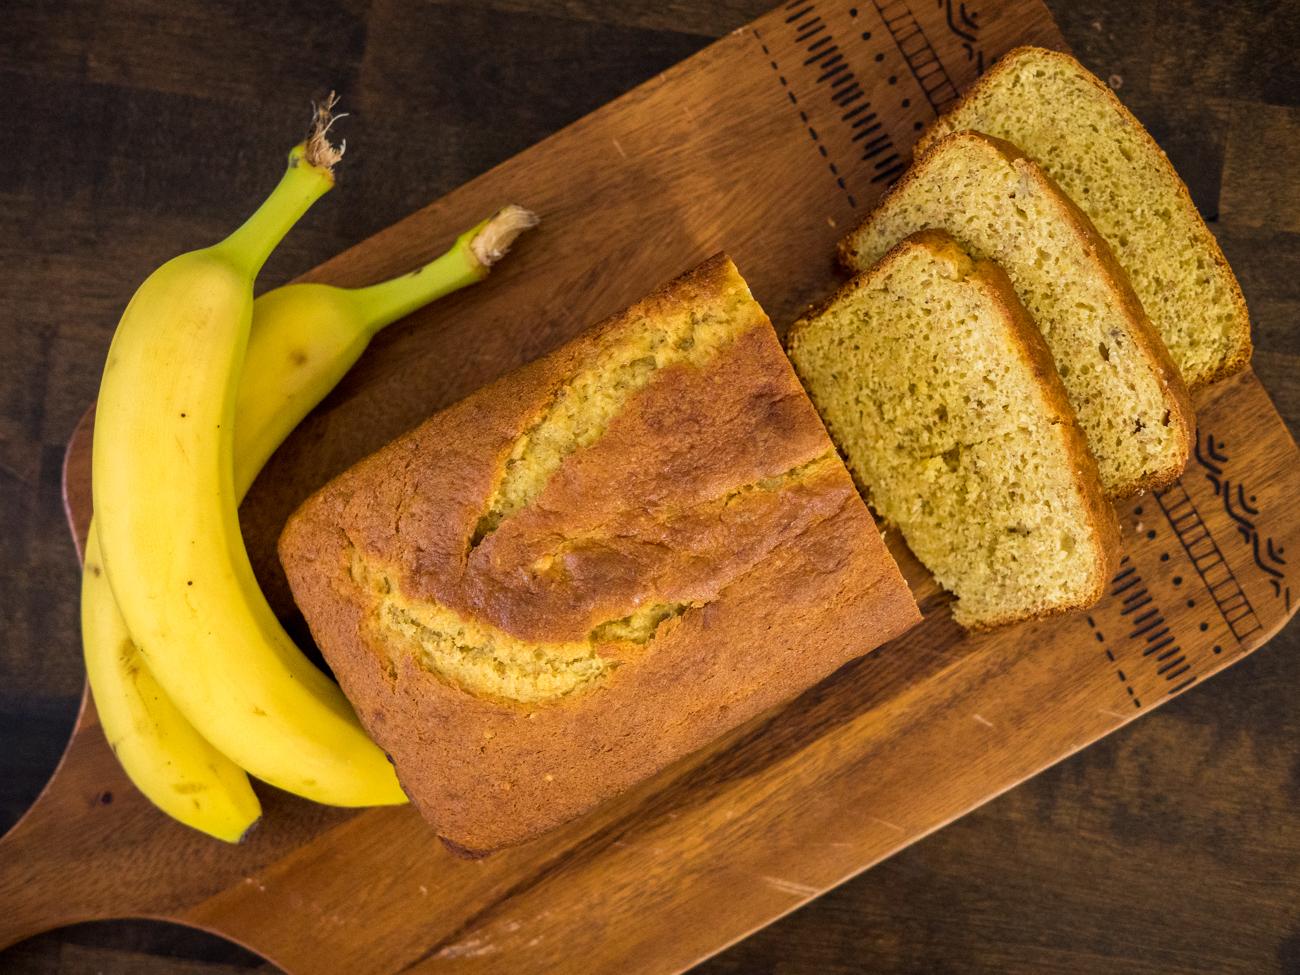 box_mix_banana_bread_horizontal_1